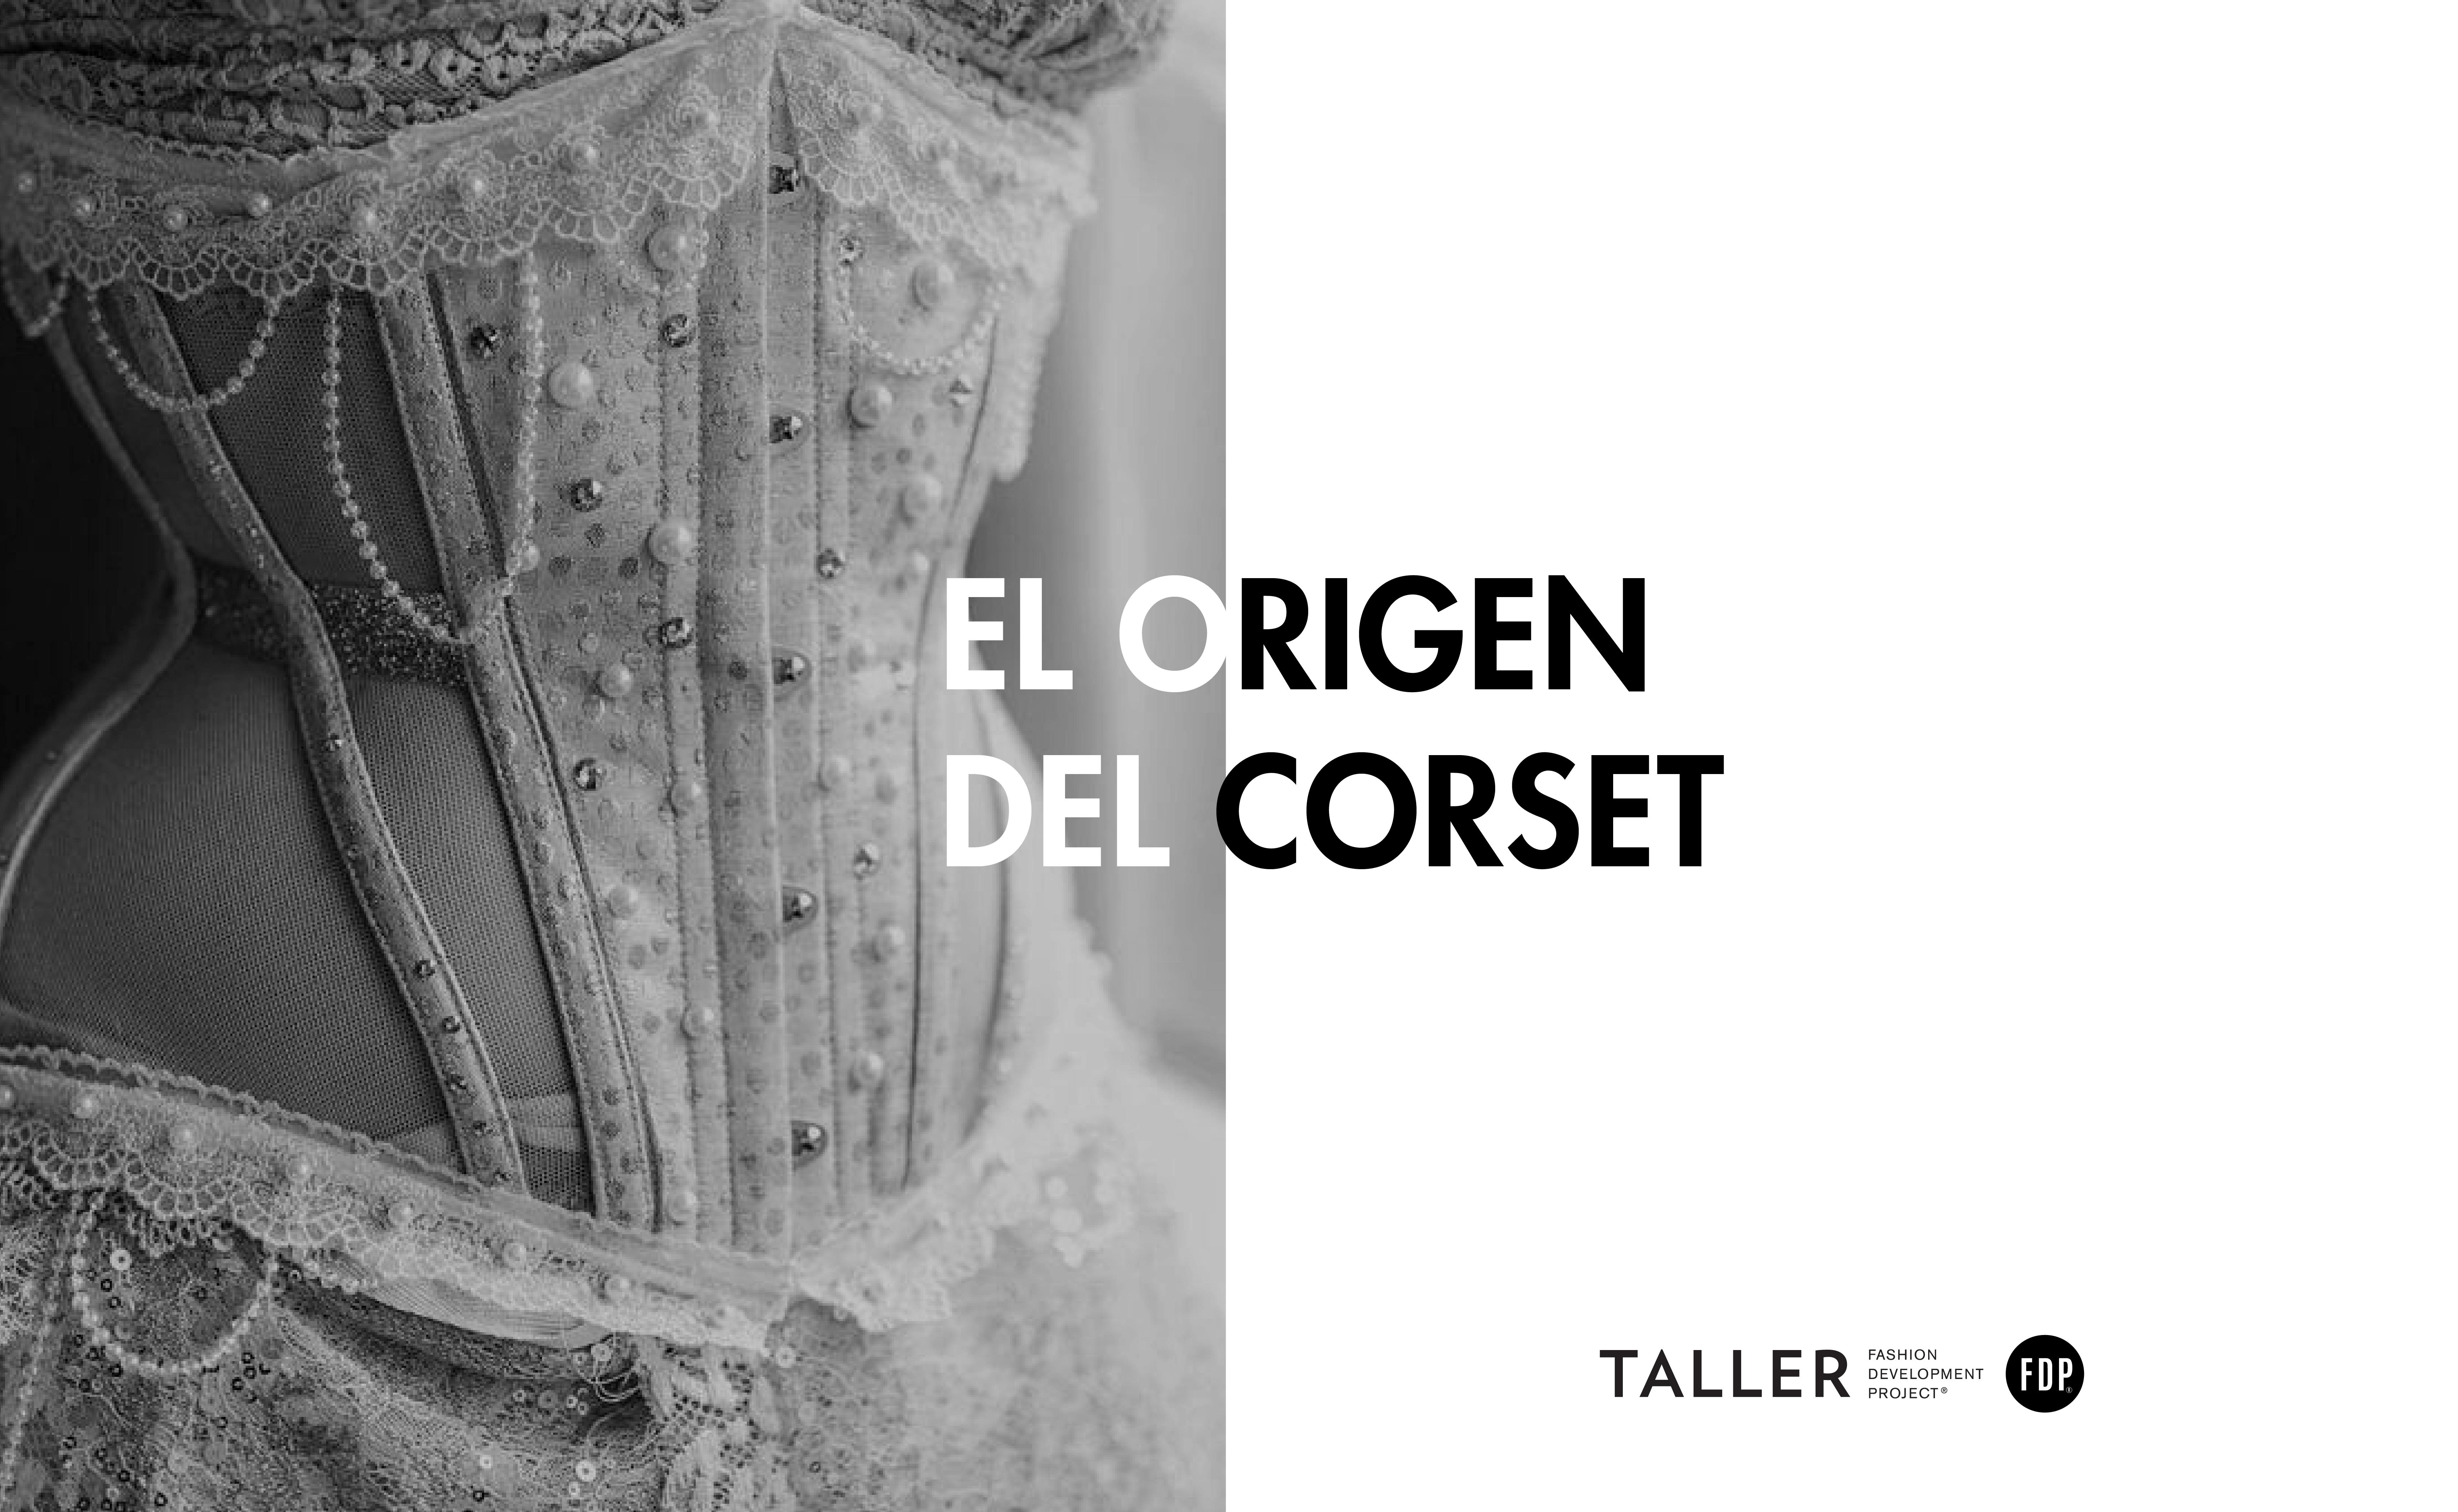 ¿Cuál es el origen del corset?